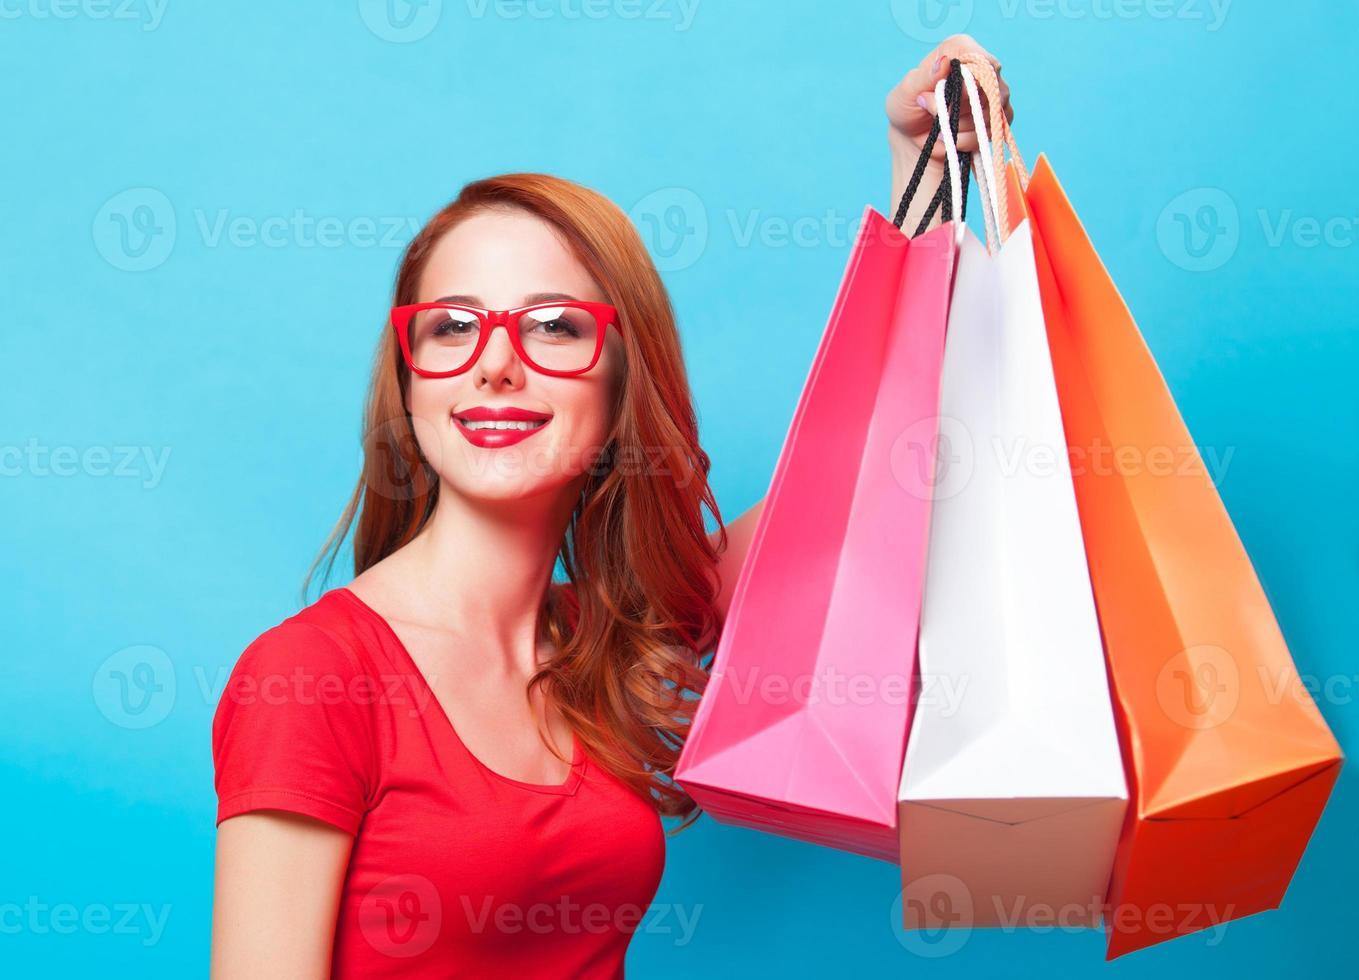 ragazza rossa con borse della spesa su sfondo blu. foto